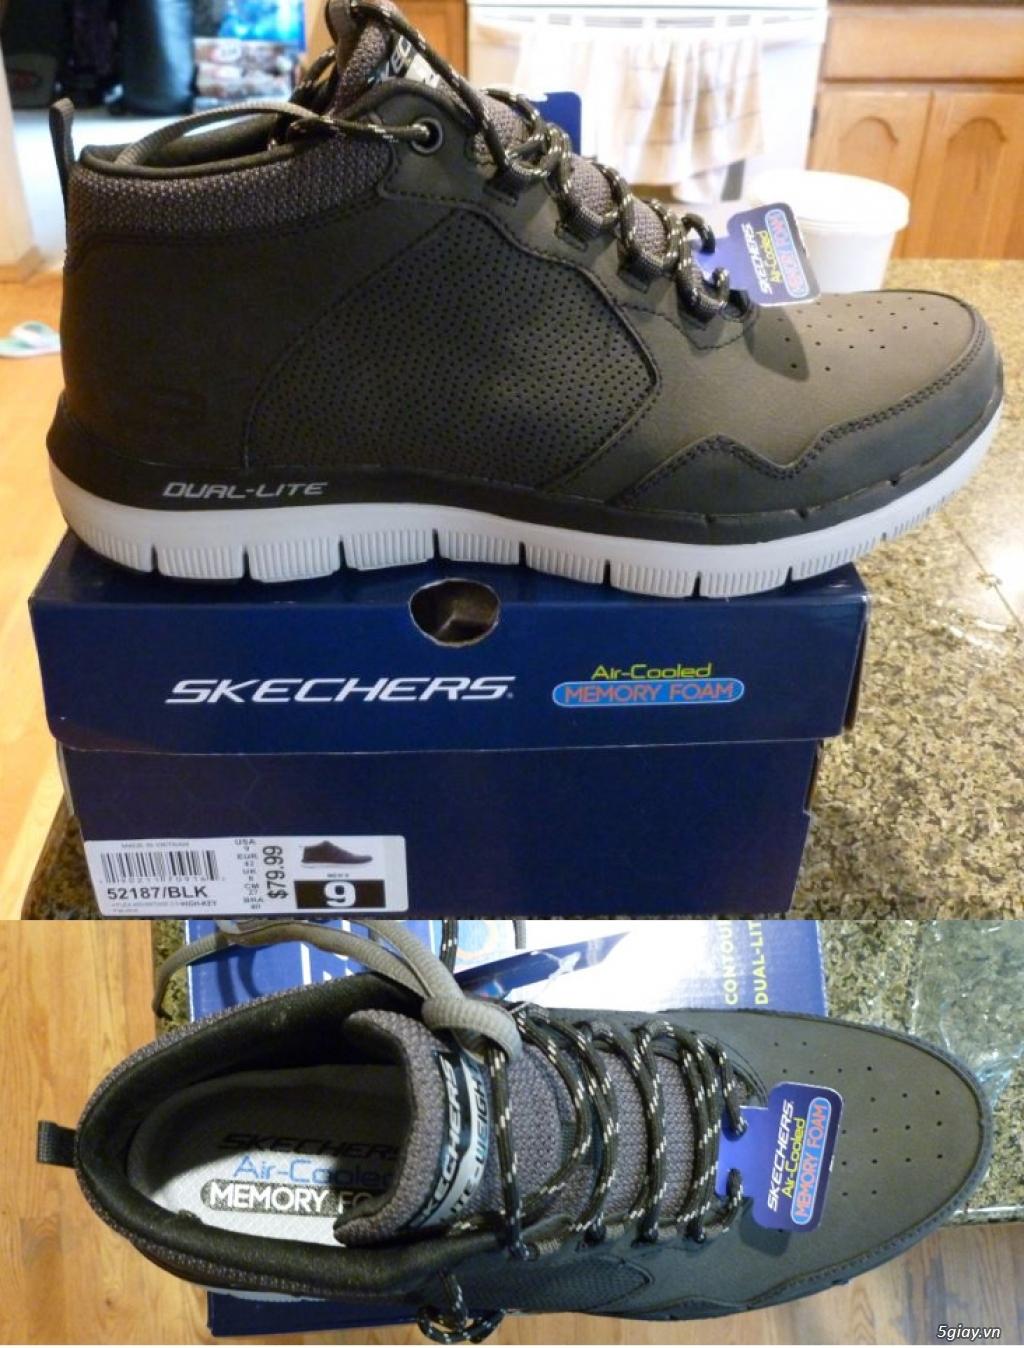 Mình xách/gửi giày Nike, Skechers, Reebok, Polo, Converse, v.v. từ Mỹ. - 10